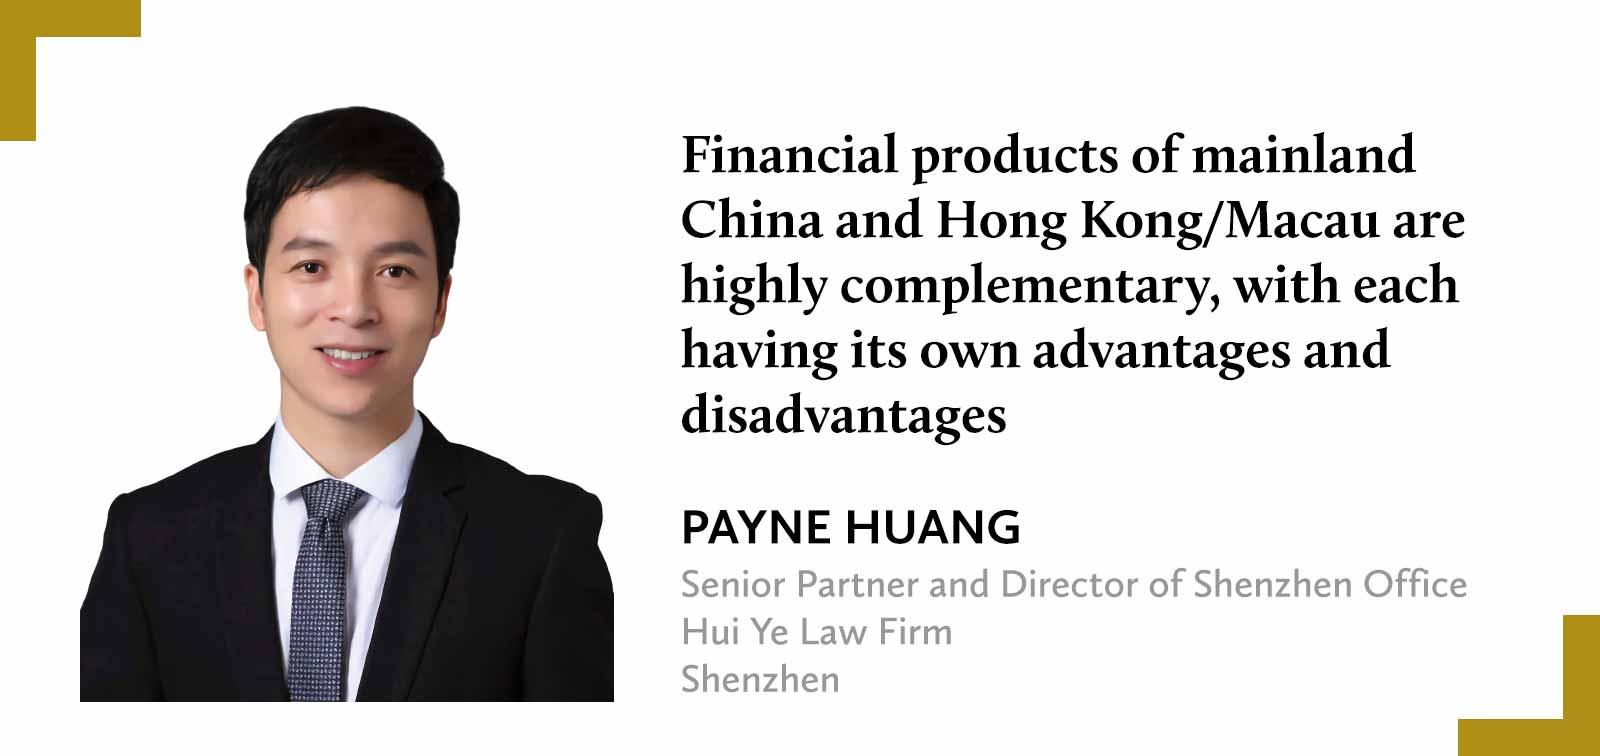 黄其柏-PAYNE-HUANG-汇业律师事务所-深圳办公室主任-Senior-Partner-and-Director-of-Shenzhen-Office-Hui-Ye-Law-Firm-(Eng)